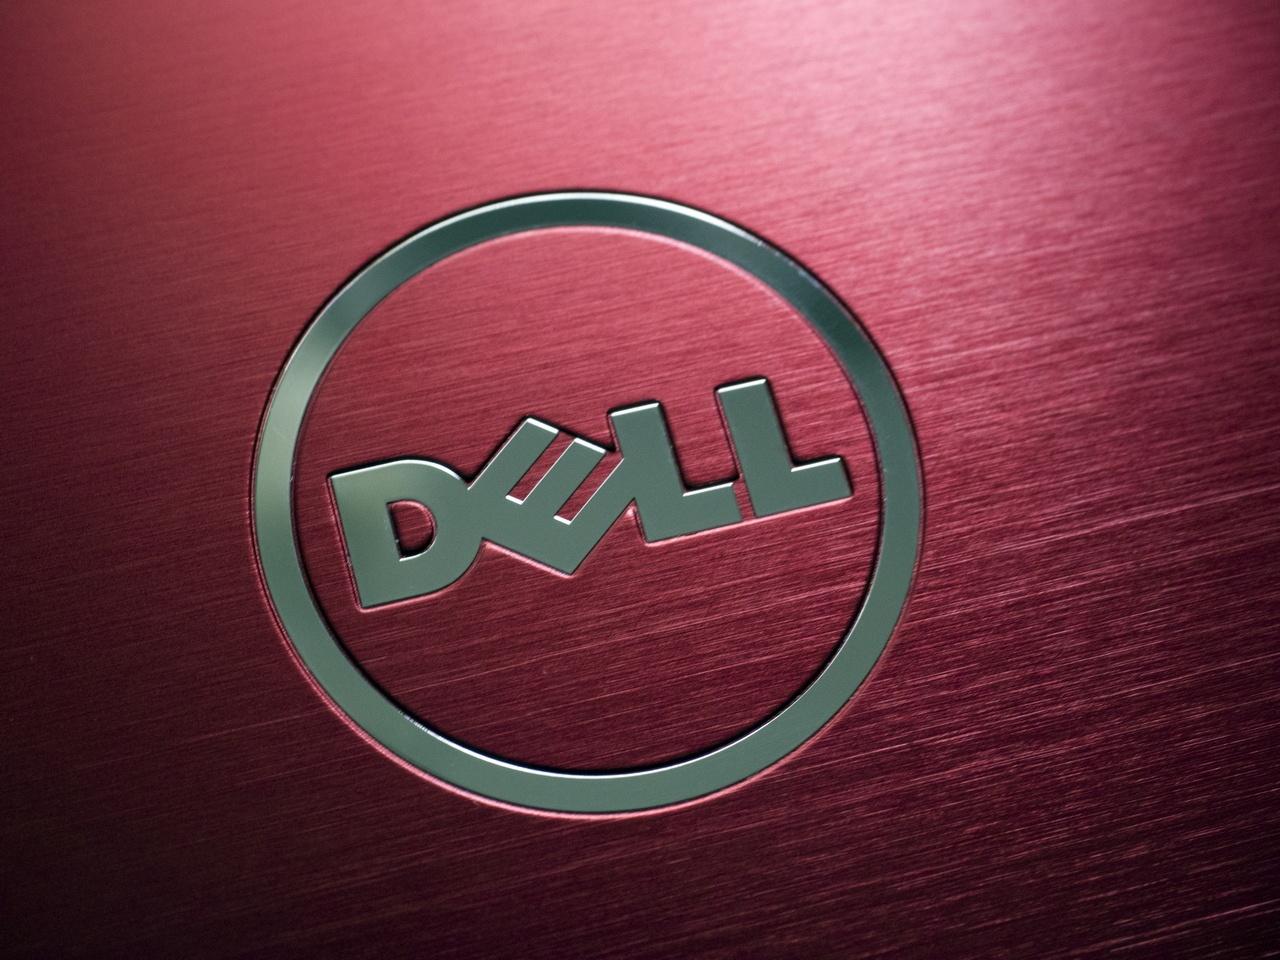 Ноутбук Dell Vostro 14 (5480): Хорошо сбалансированная доступность - 7